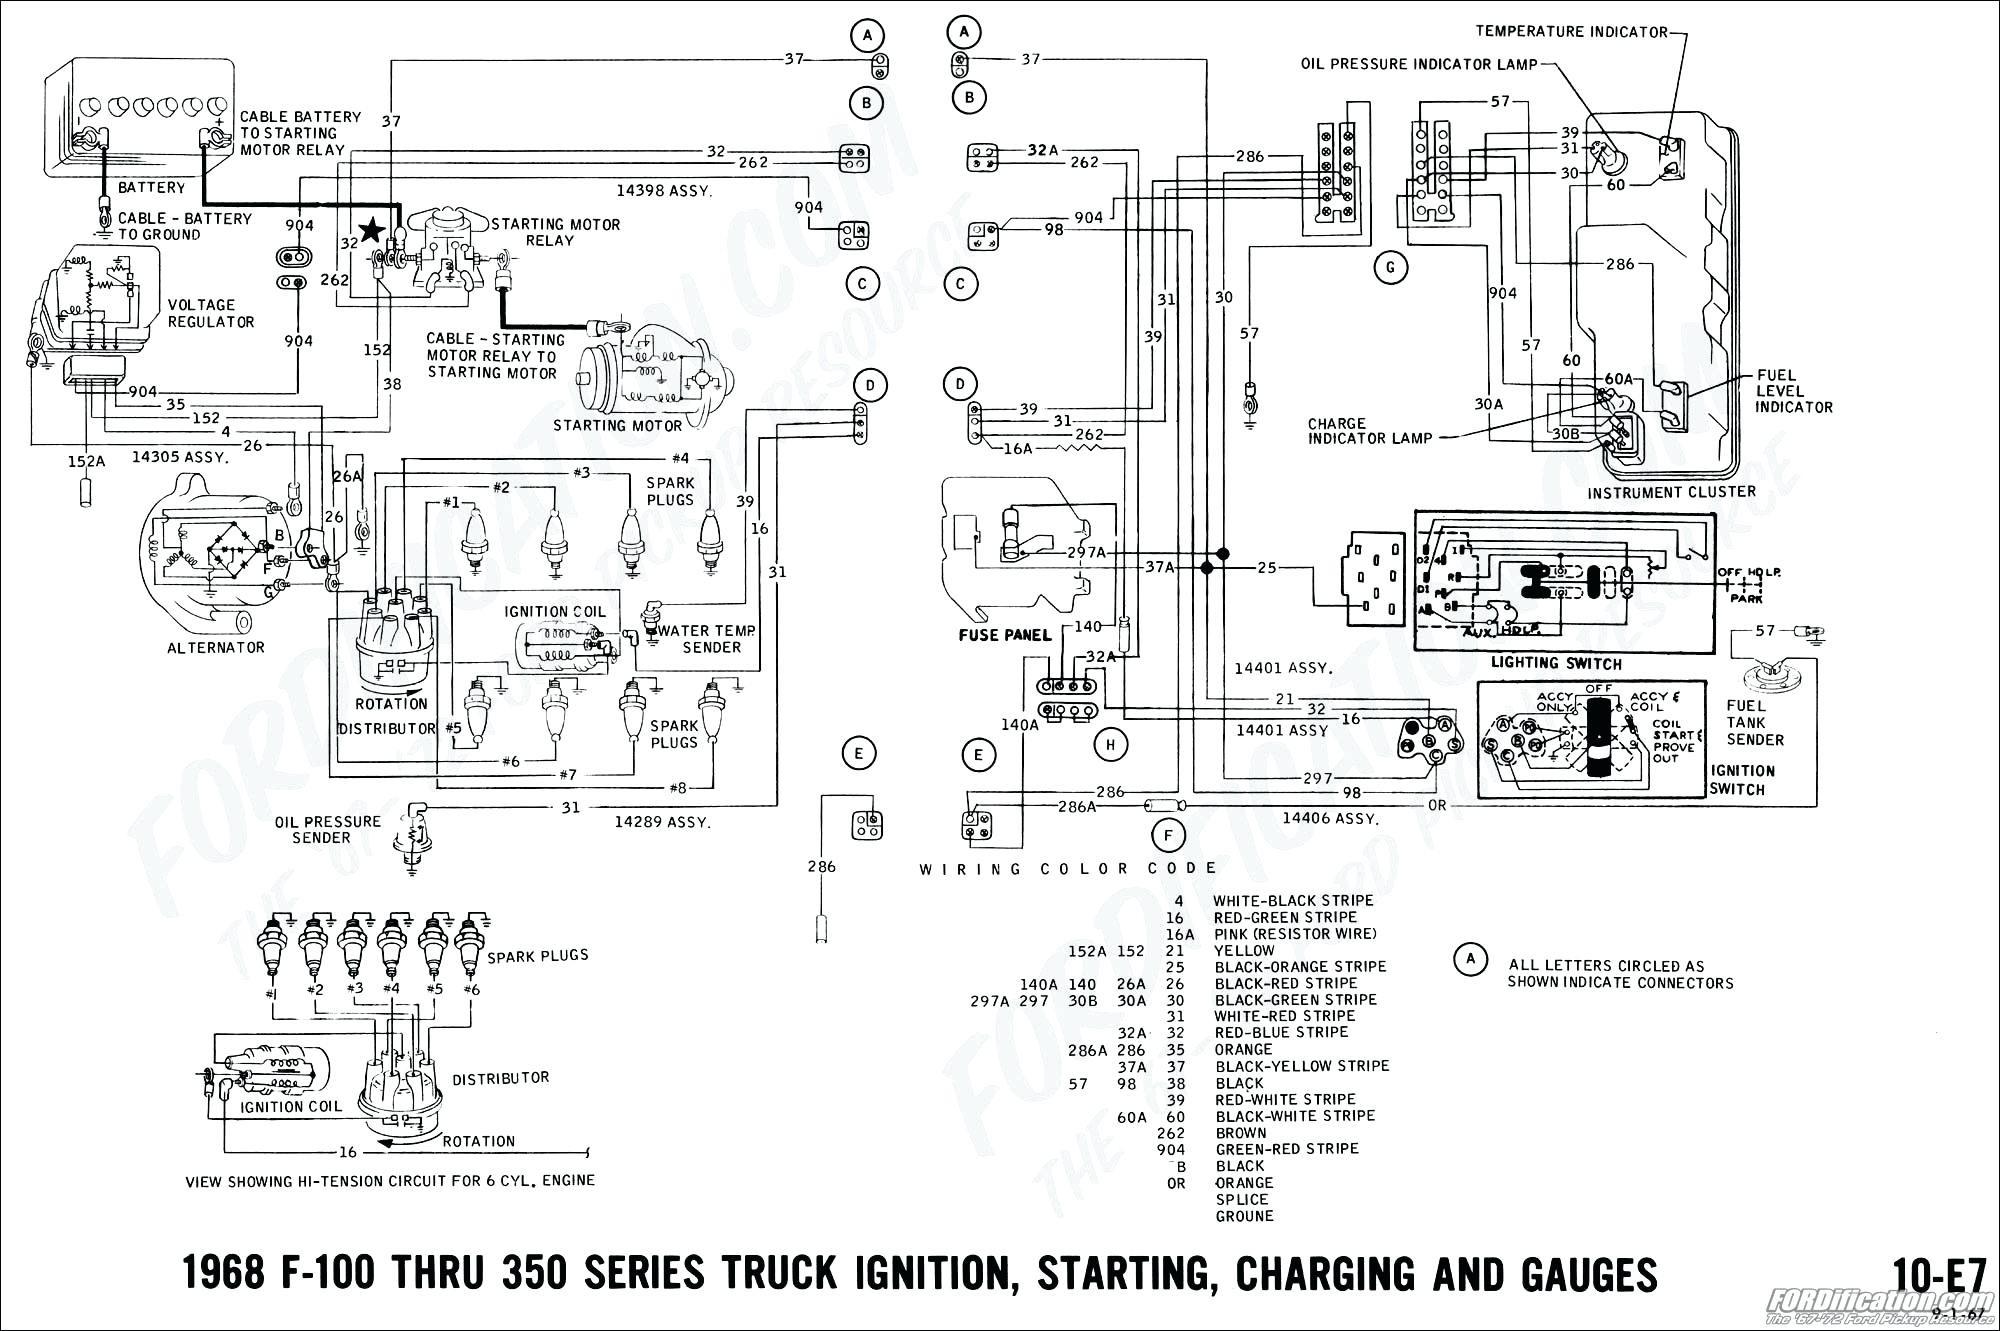 ford 5 4 l engine diagram 2 my wiring diagram rh detoxicrecenze com 5.4 Triton Engine Diagram 1997 Ford Expedition XLT 5.4L Engine Diagram PDF